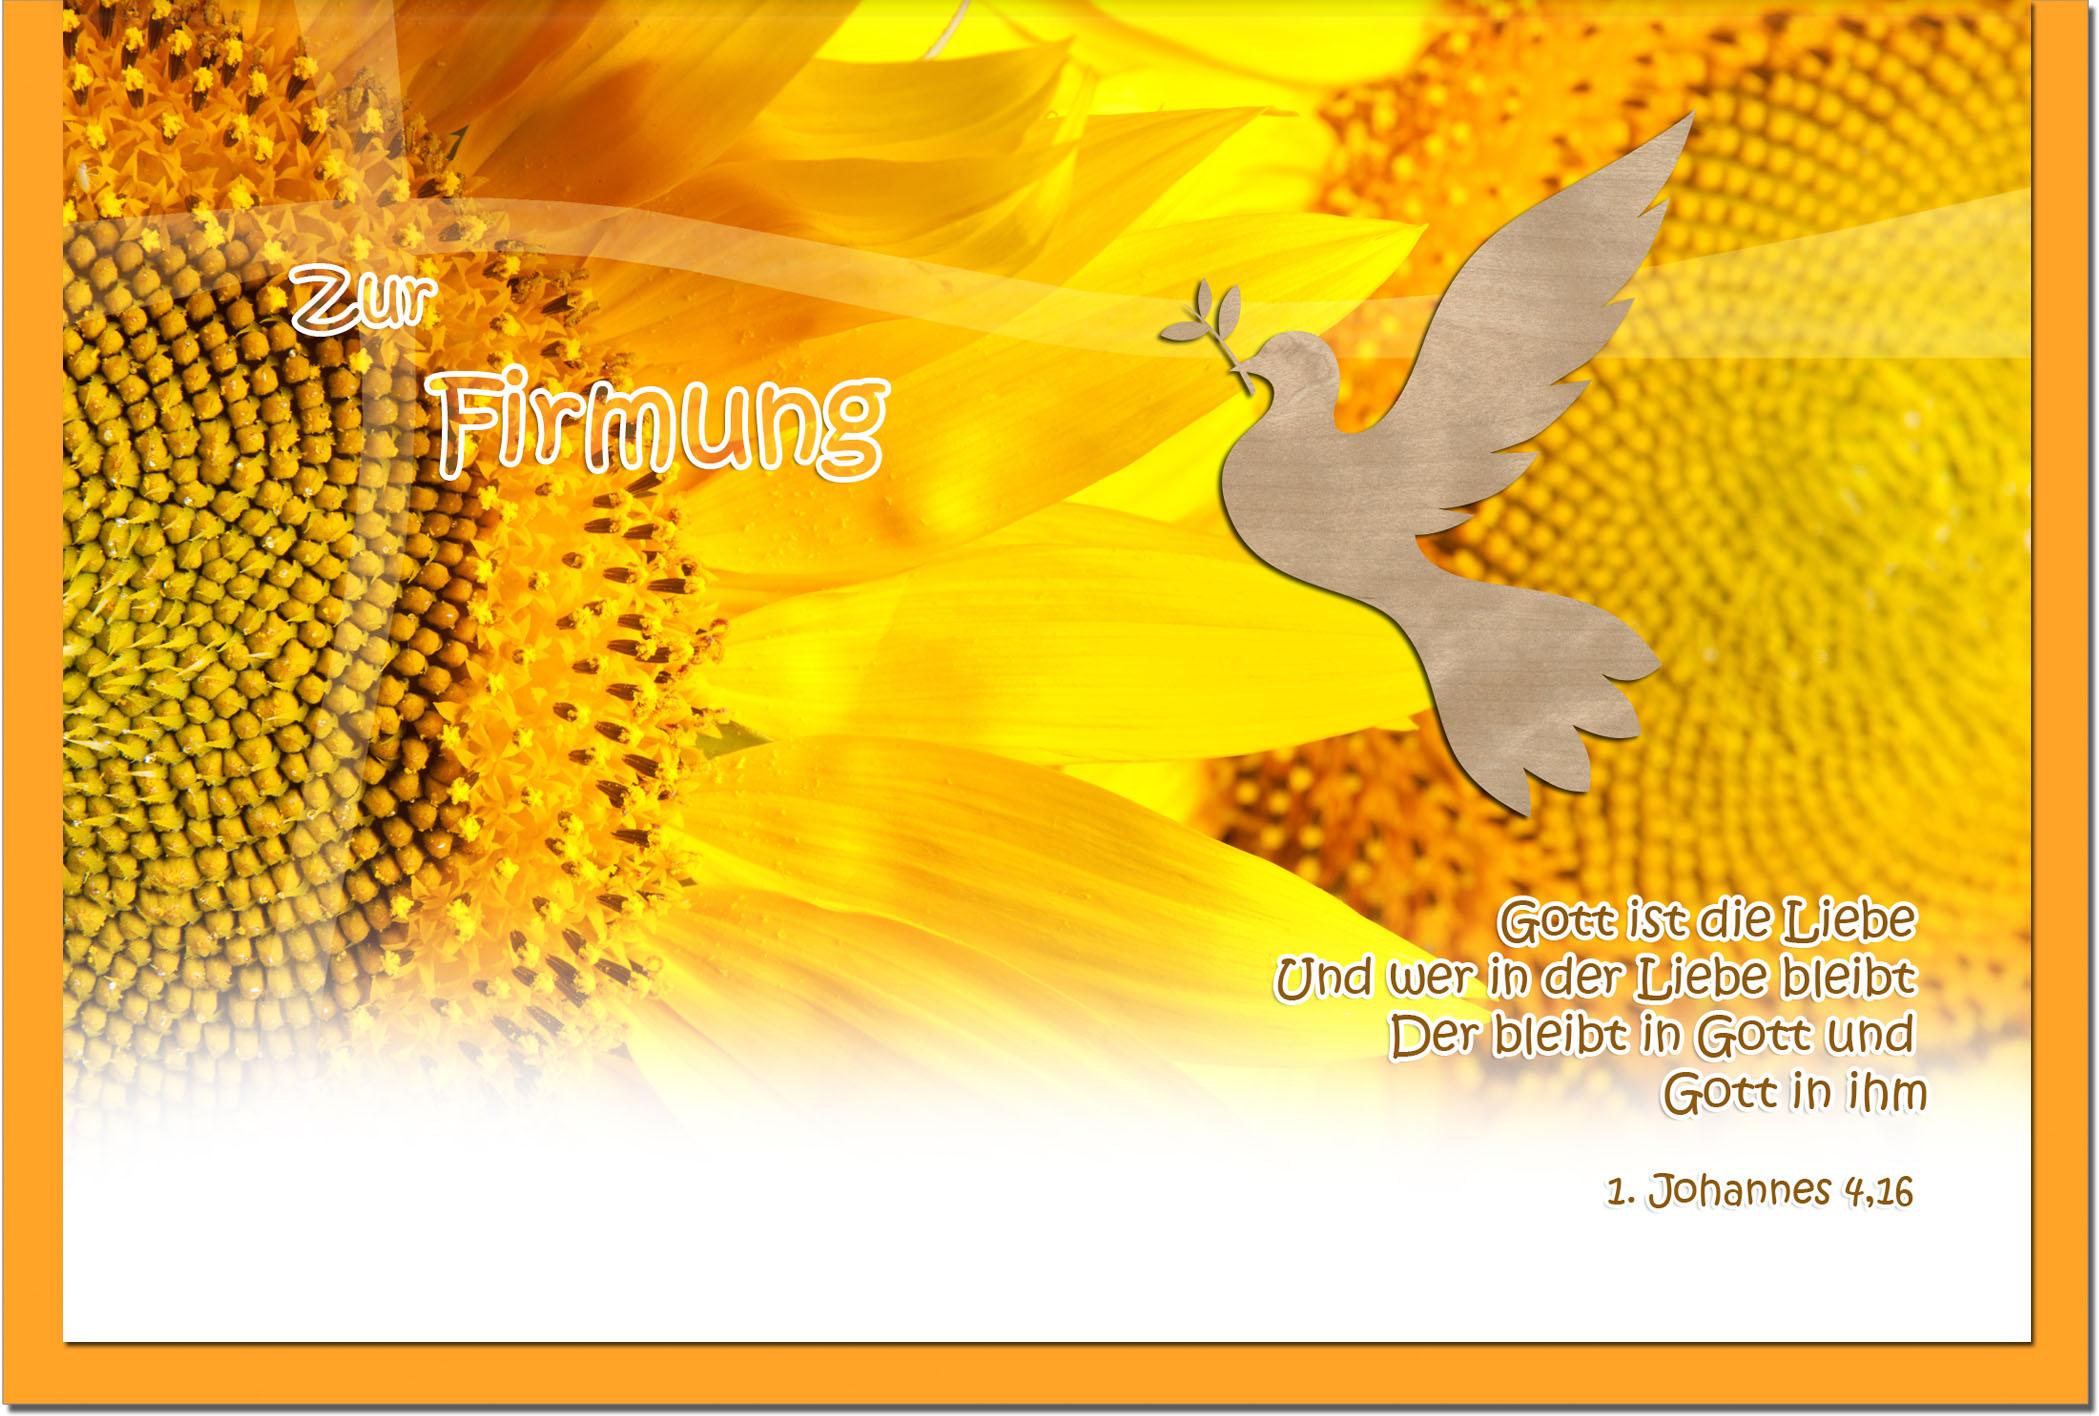 Firmungskarten / Grußkarten / Glückwunschkarten /Firmung Sonnenblume